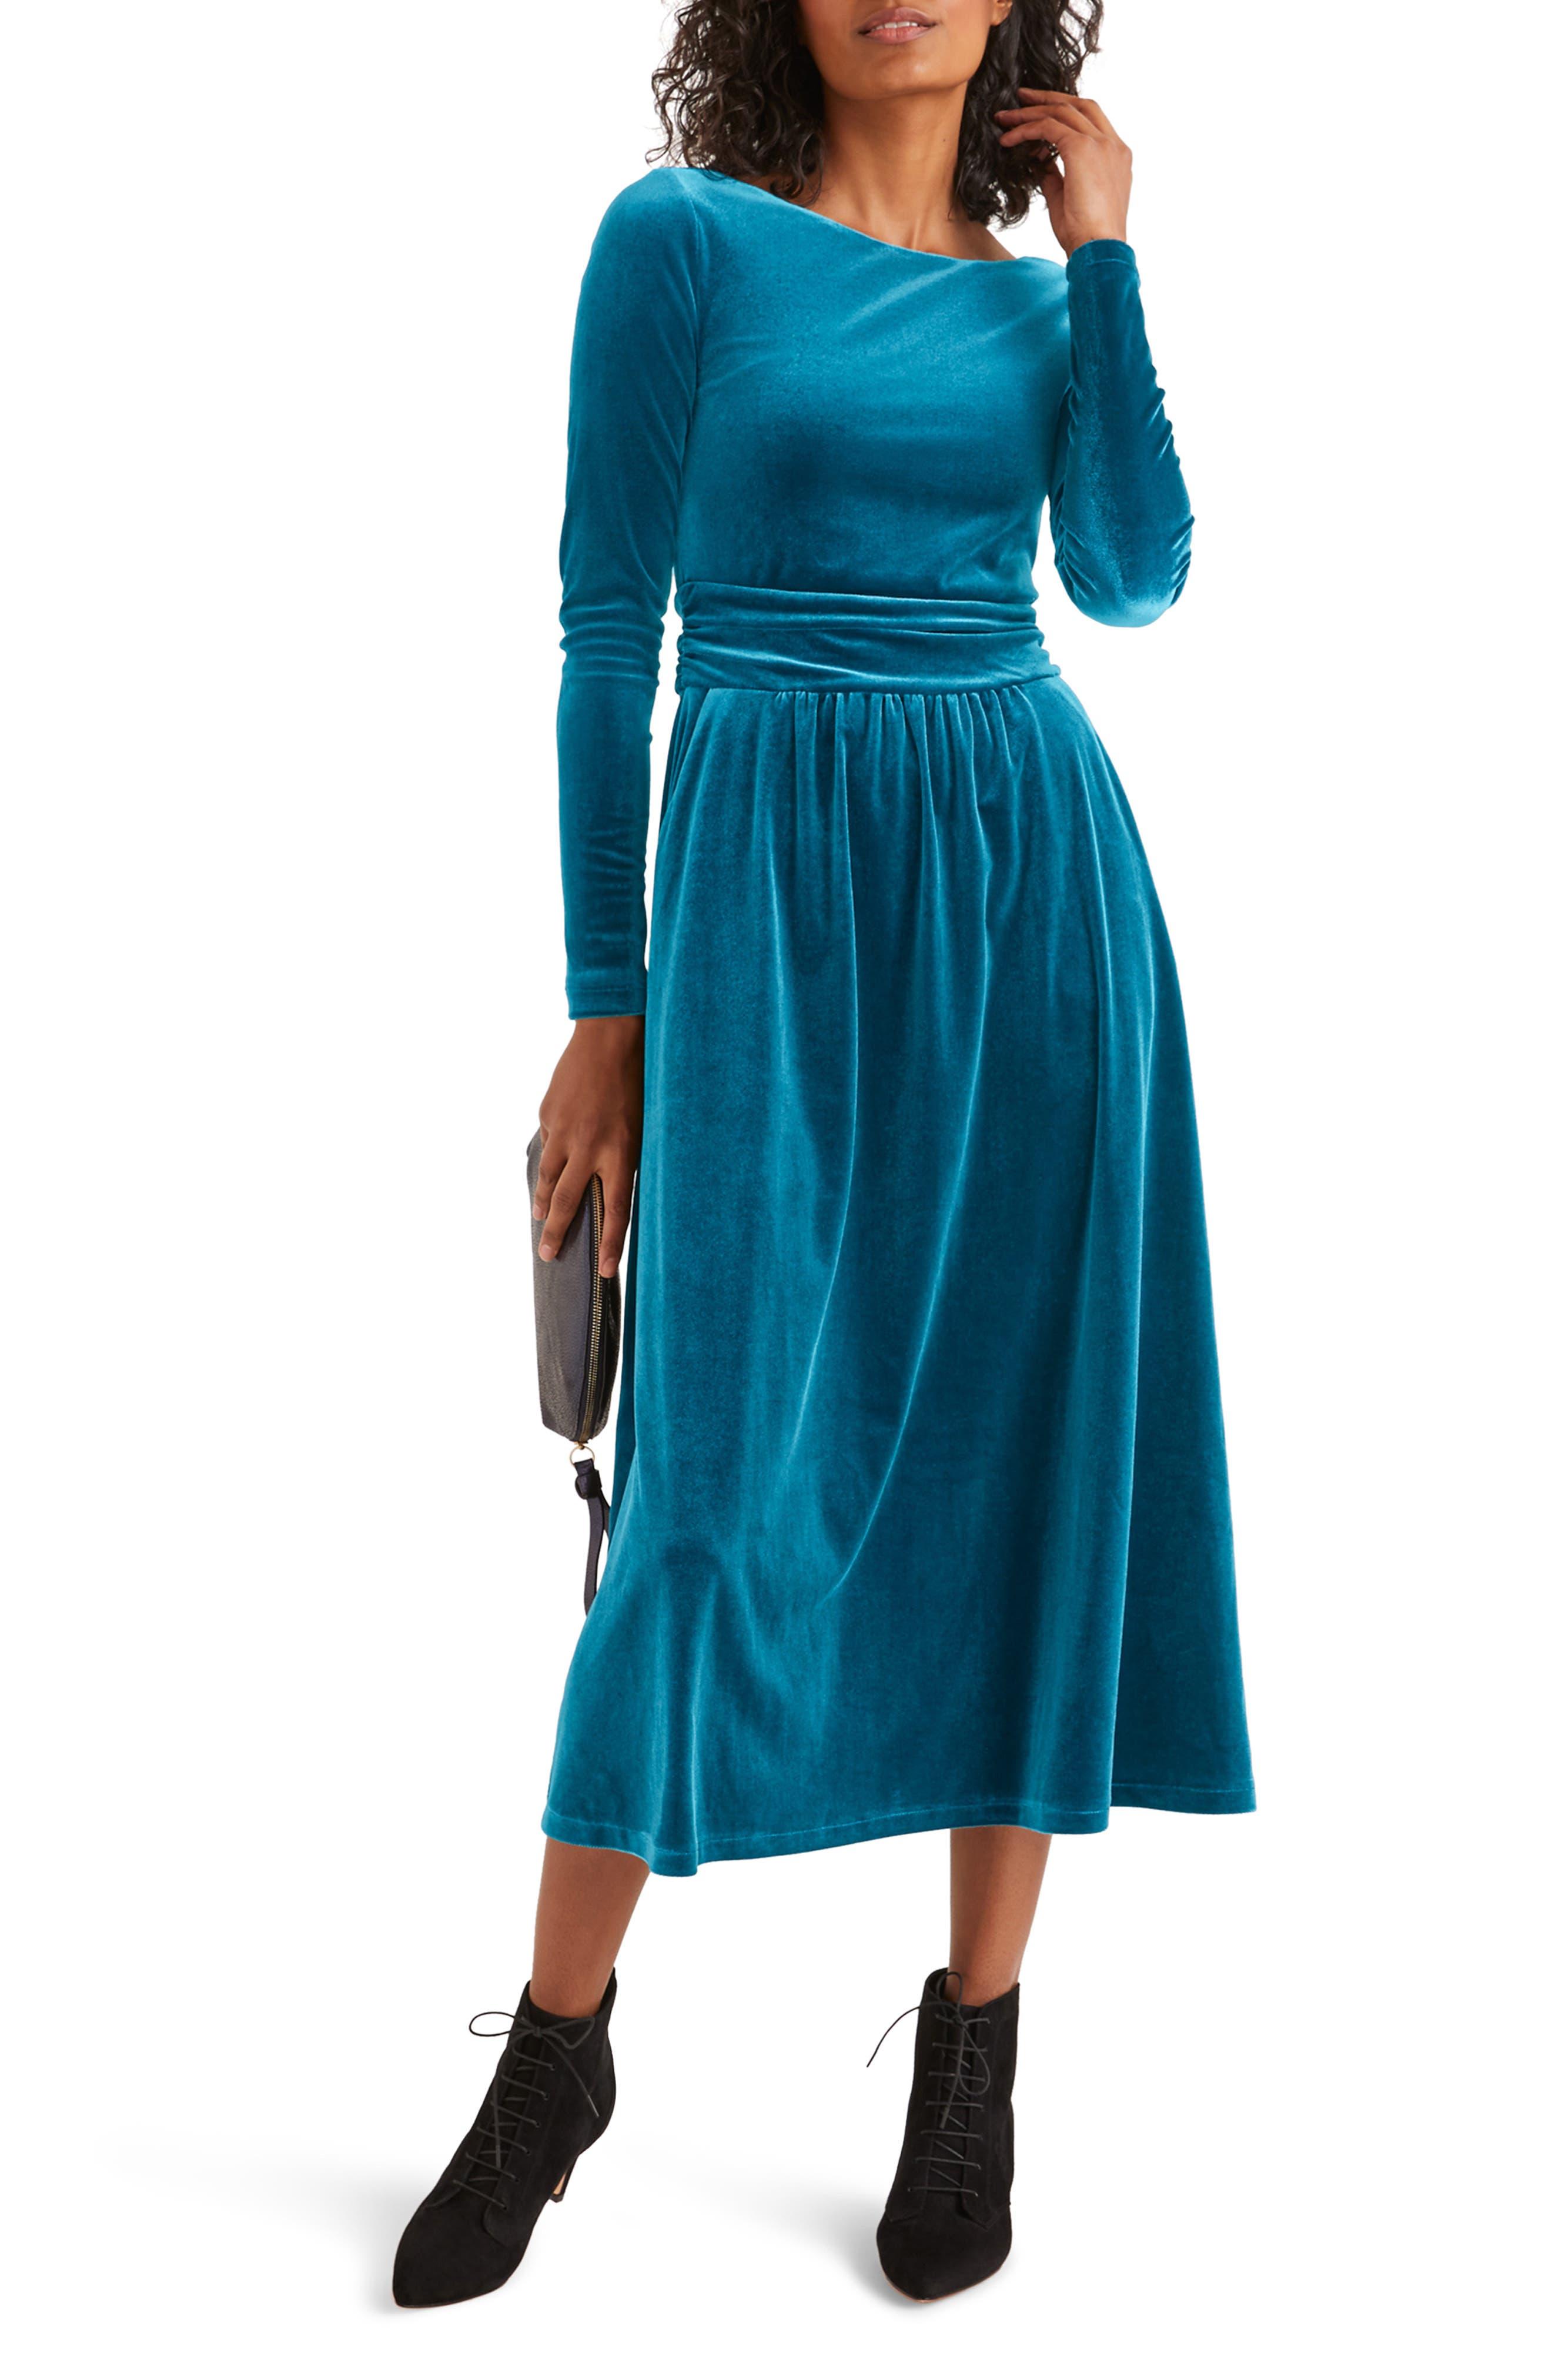 Boden Lois Long Sleeve Velvet Midi Dress Nordstrom Rack